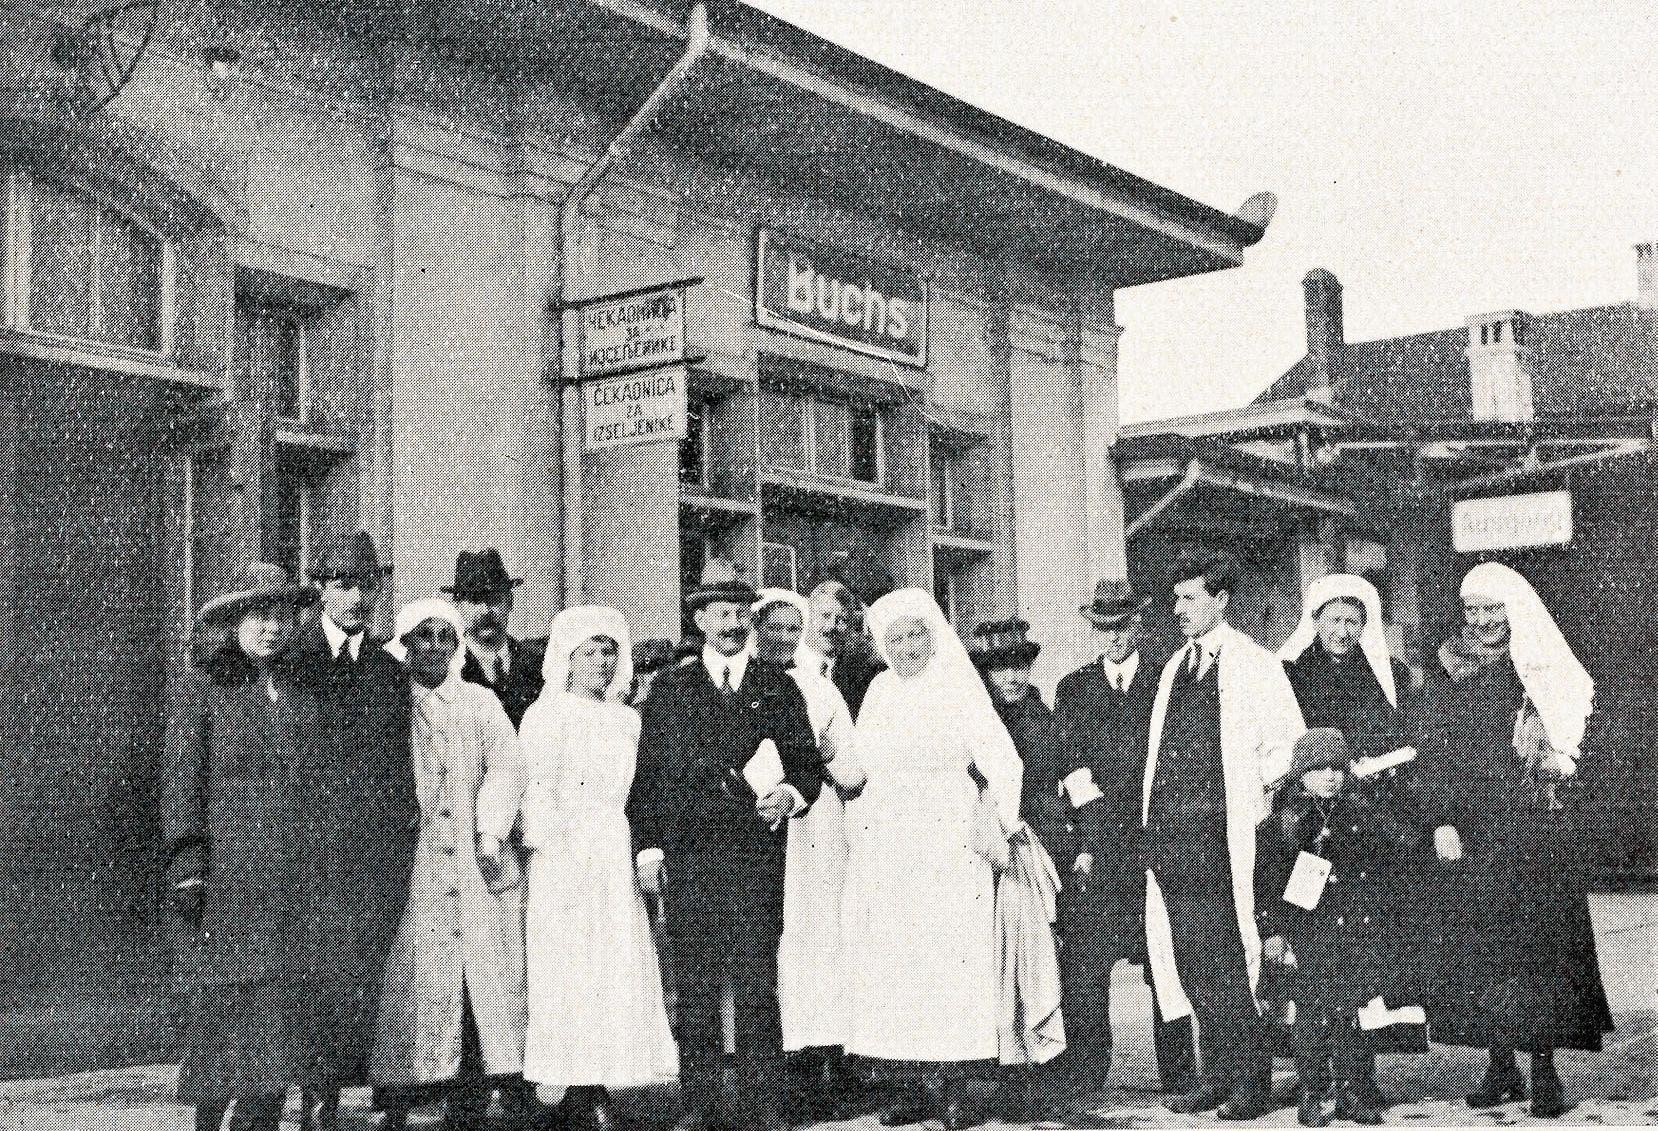 Das Komitee in Erwartung eines Kinderzuges, in der Mitte Max Strauss, Chef des SBB-Fahrdienstes. (Bild: Archiv Hansruedi Rohrer)